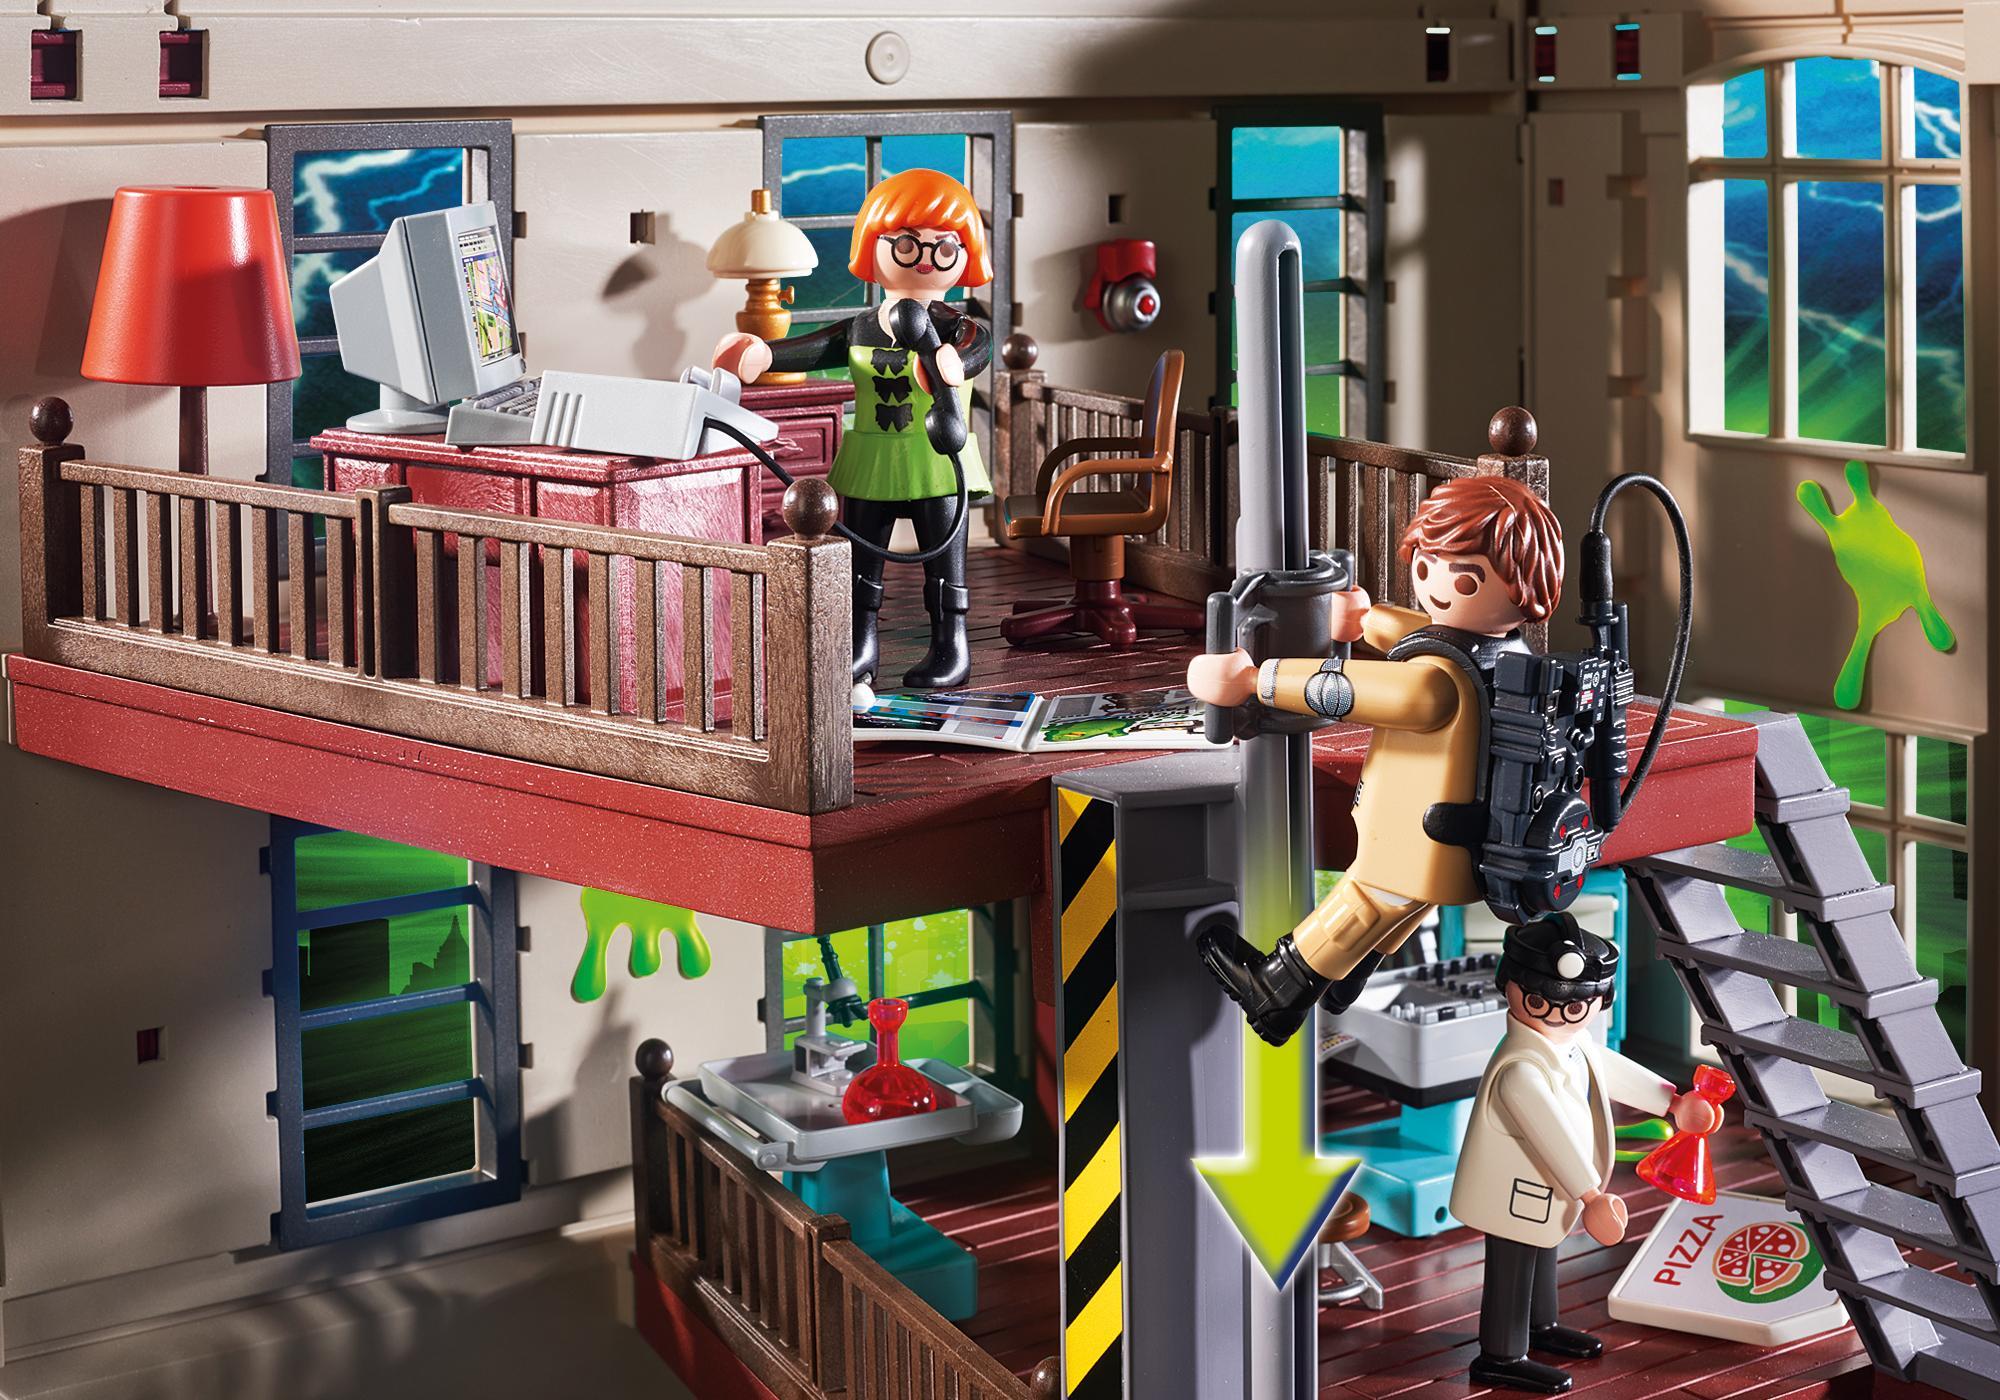 http://media.playmobil.com/i/playmobil/9219_product_extra3/Quartel de Bombeiros Ghostbusters™